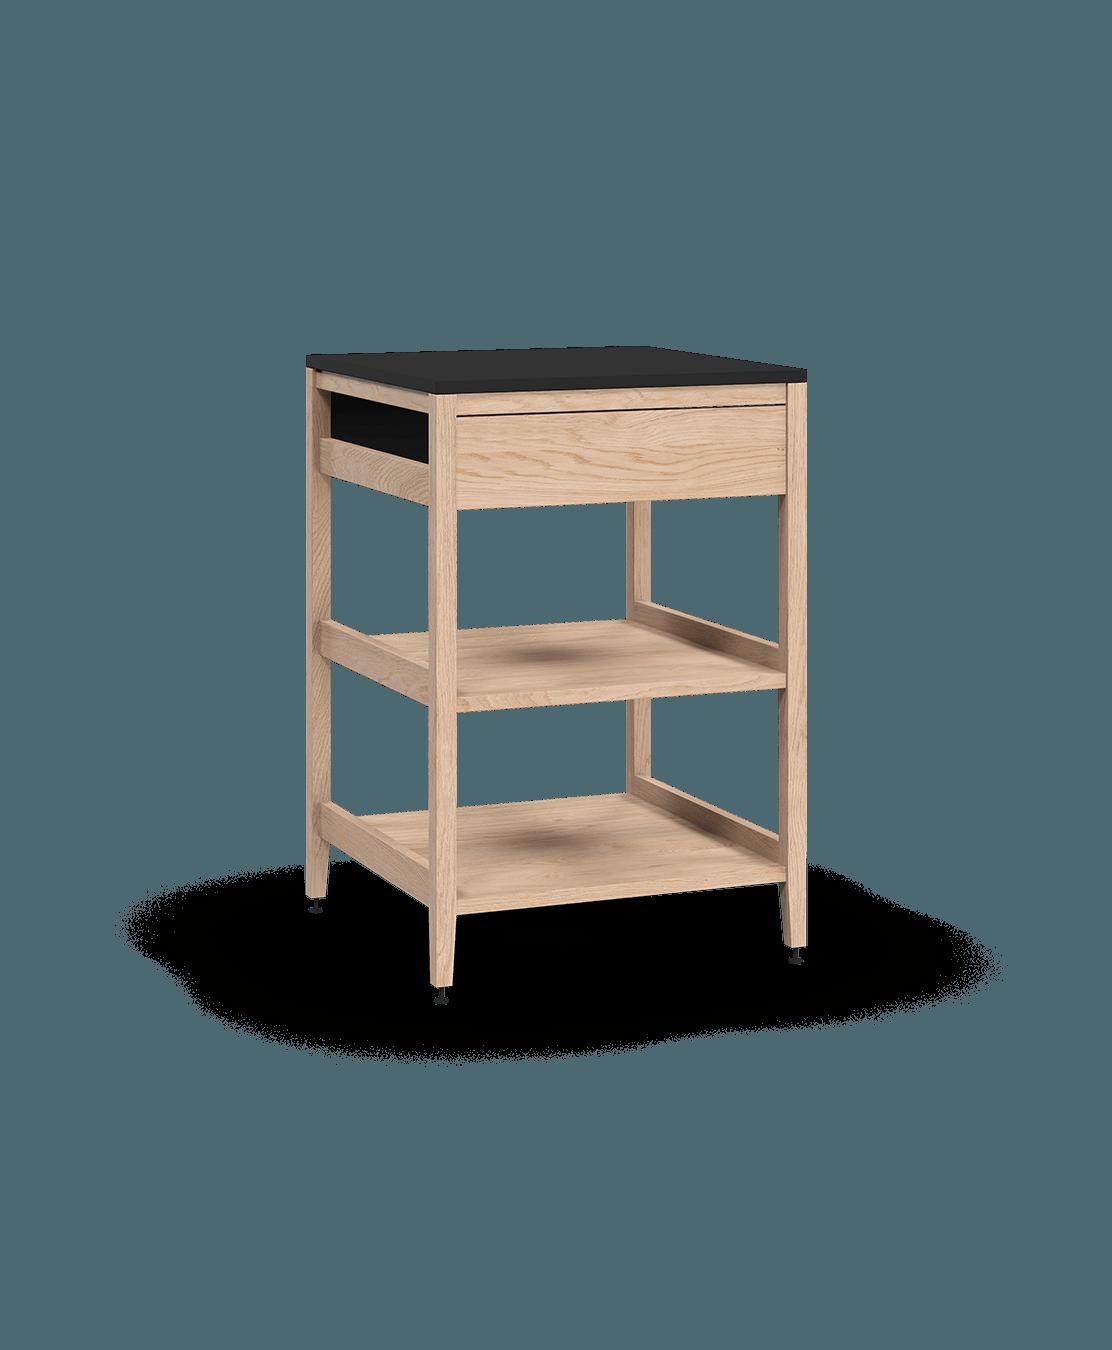 armoire de cuisine de coin modulaire inférieure en bois massif coquo radix avec 2 tablettes de bois façade fixe chêne blanc 24 pouces C1-CC-24SBW-002W2-NA